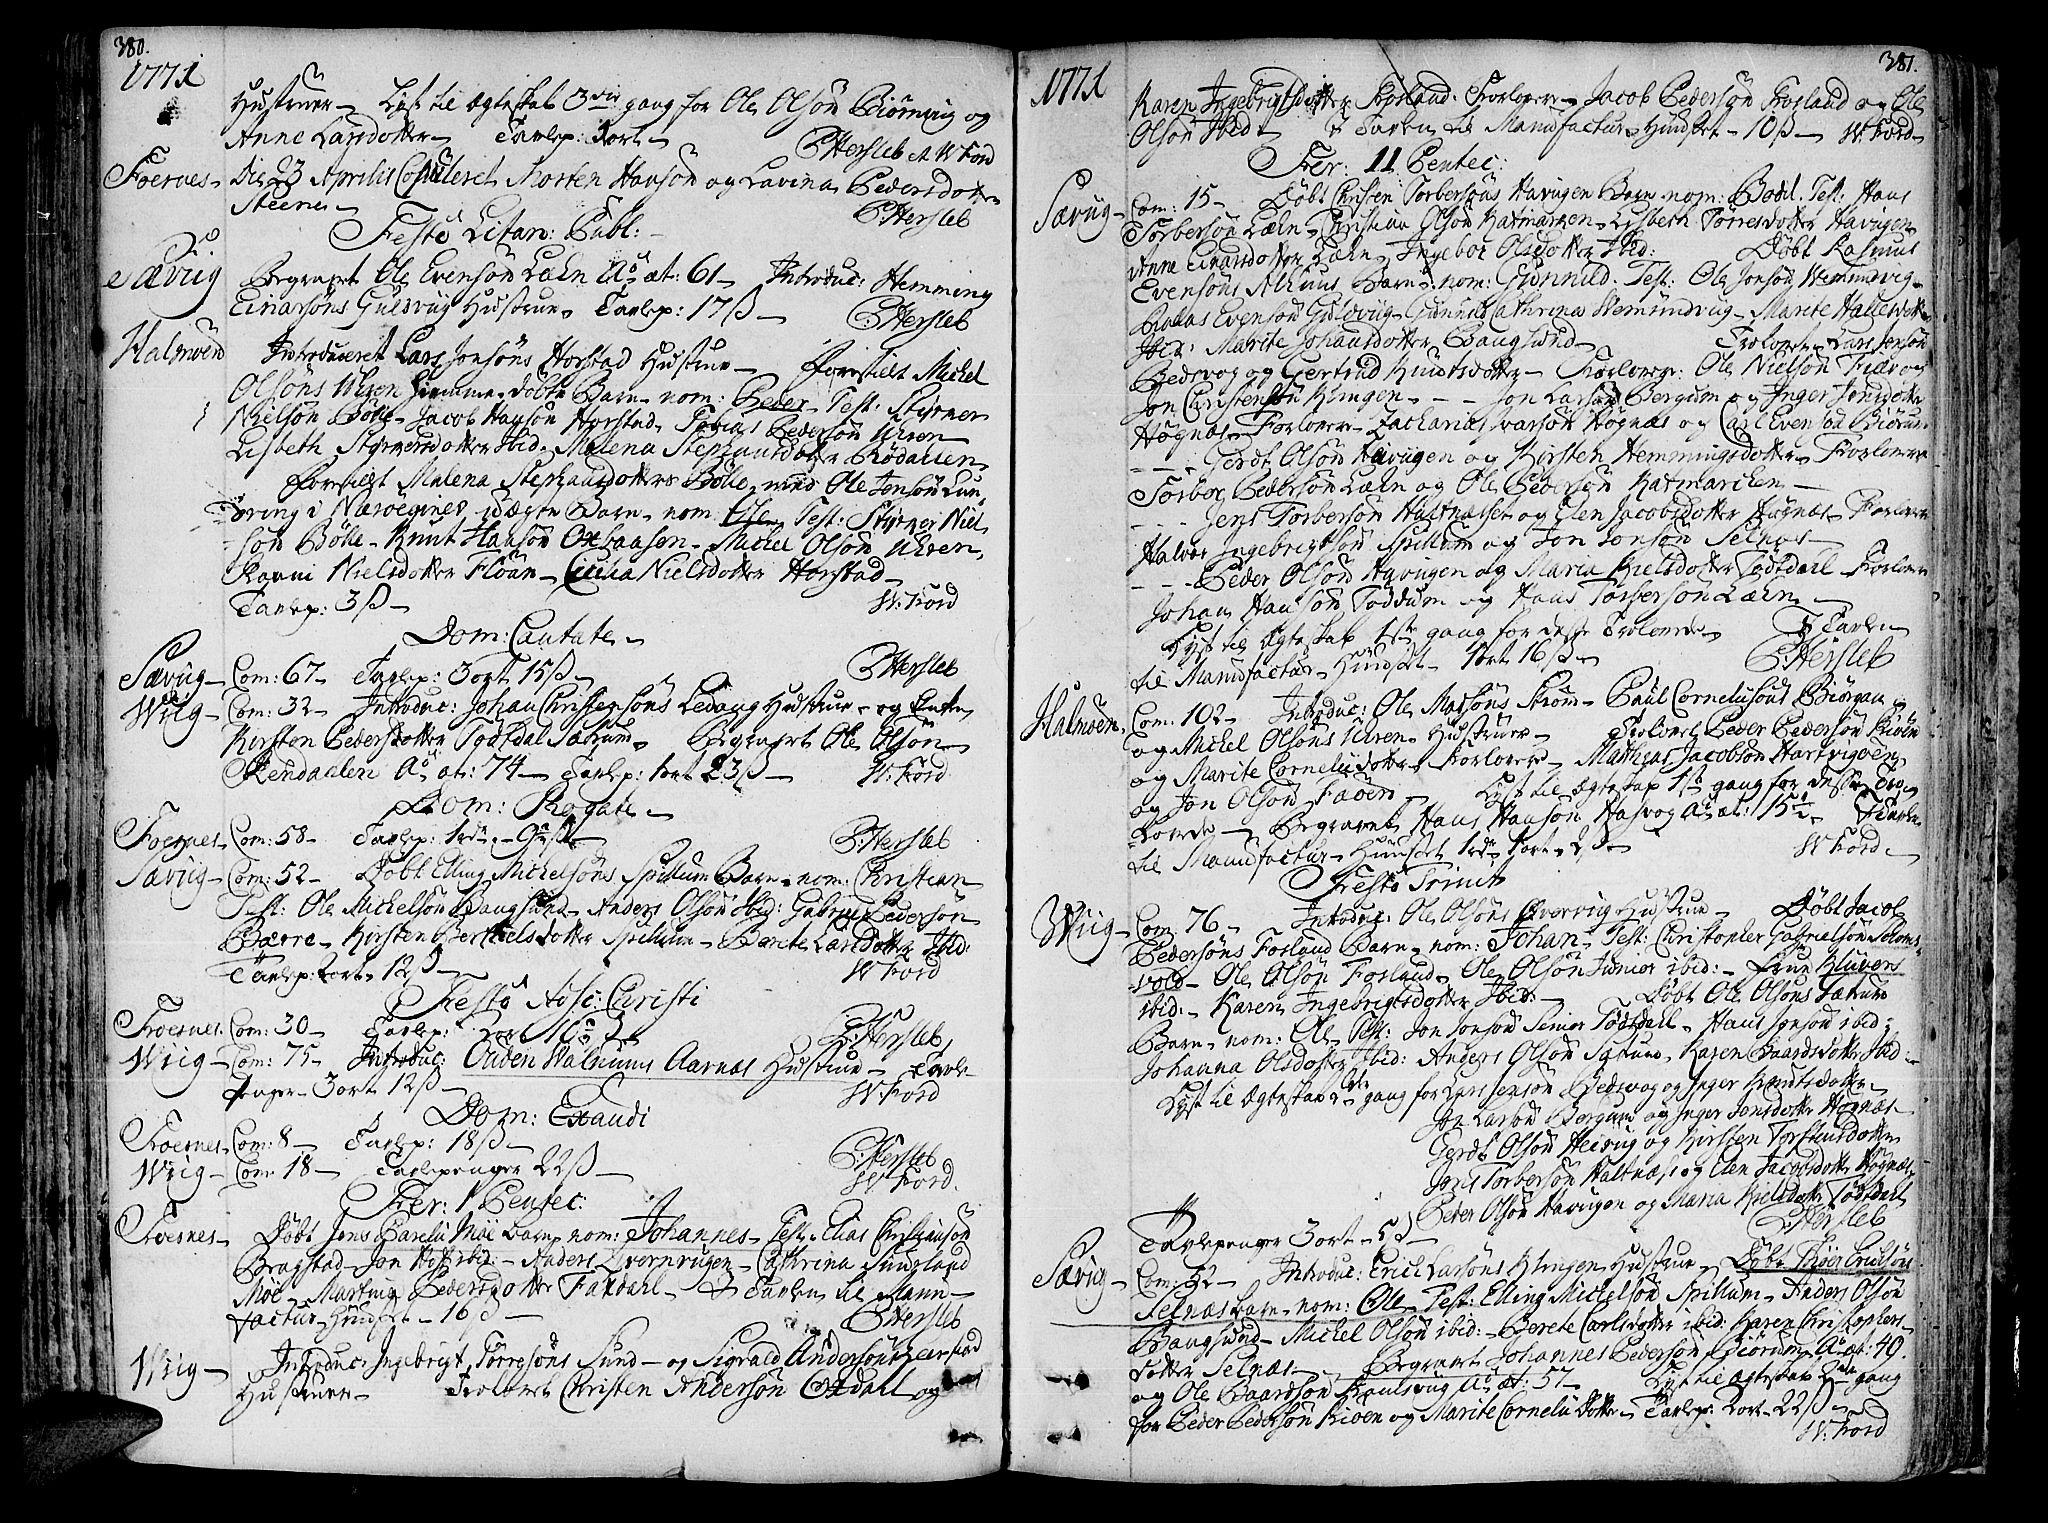 SAT, Ministerialprotokoller, klokkerbøker og fødselsregistre - Nord-Trøndelag, 773/L0607: Ministerialbok nr. 773A01, 1751-1783, s. 380-381